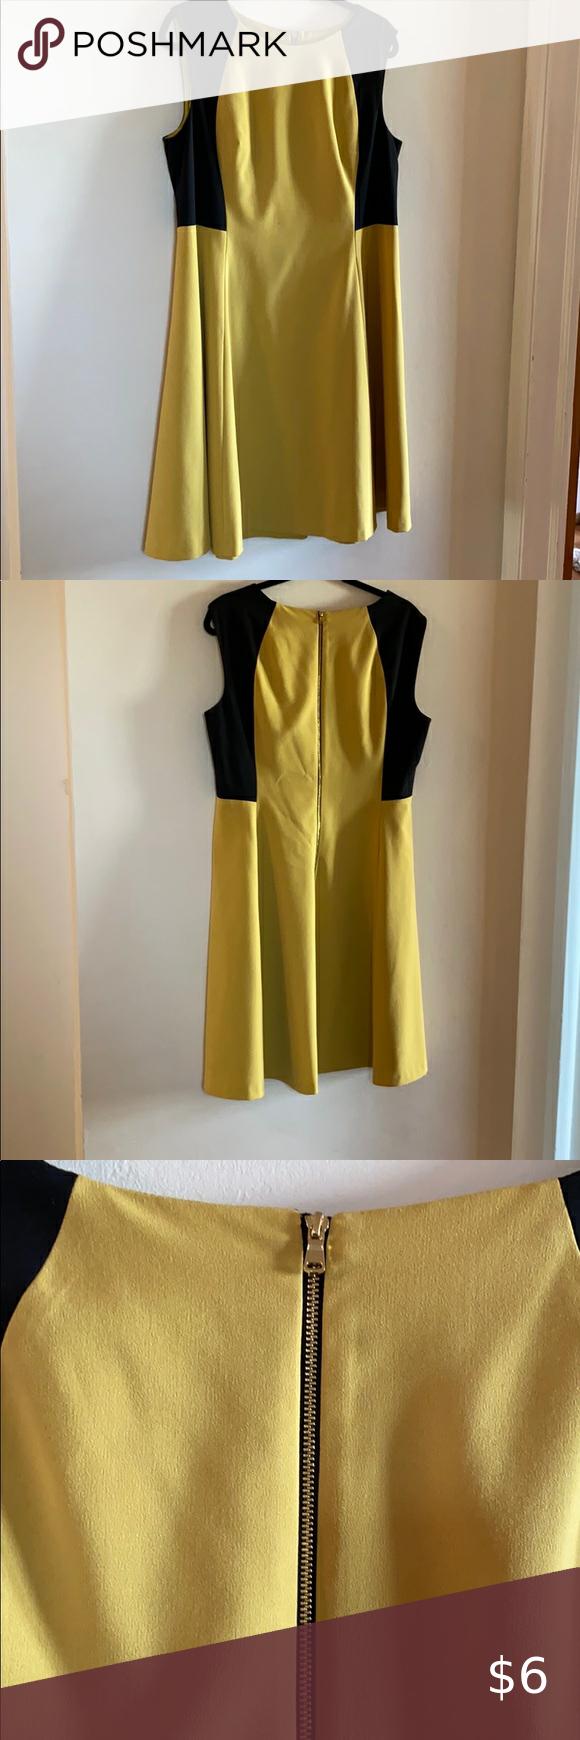 Chartreuse Nine West Dress Wedding Guest Dress Clothes Design Guest Dresses [ 1740 x 580 Pixel ]